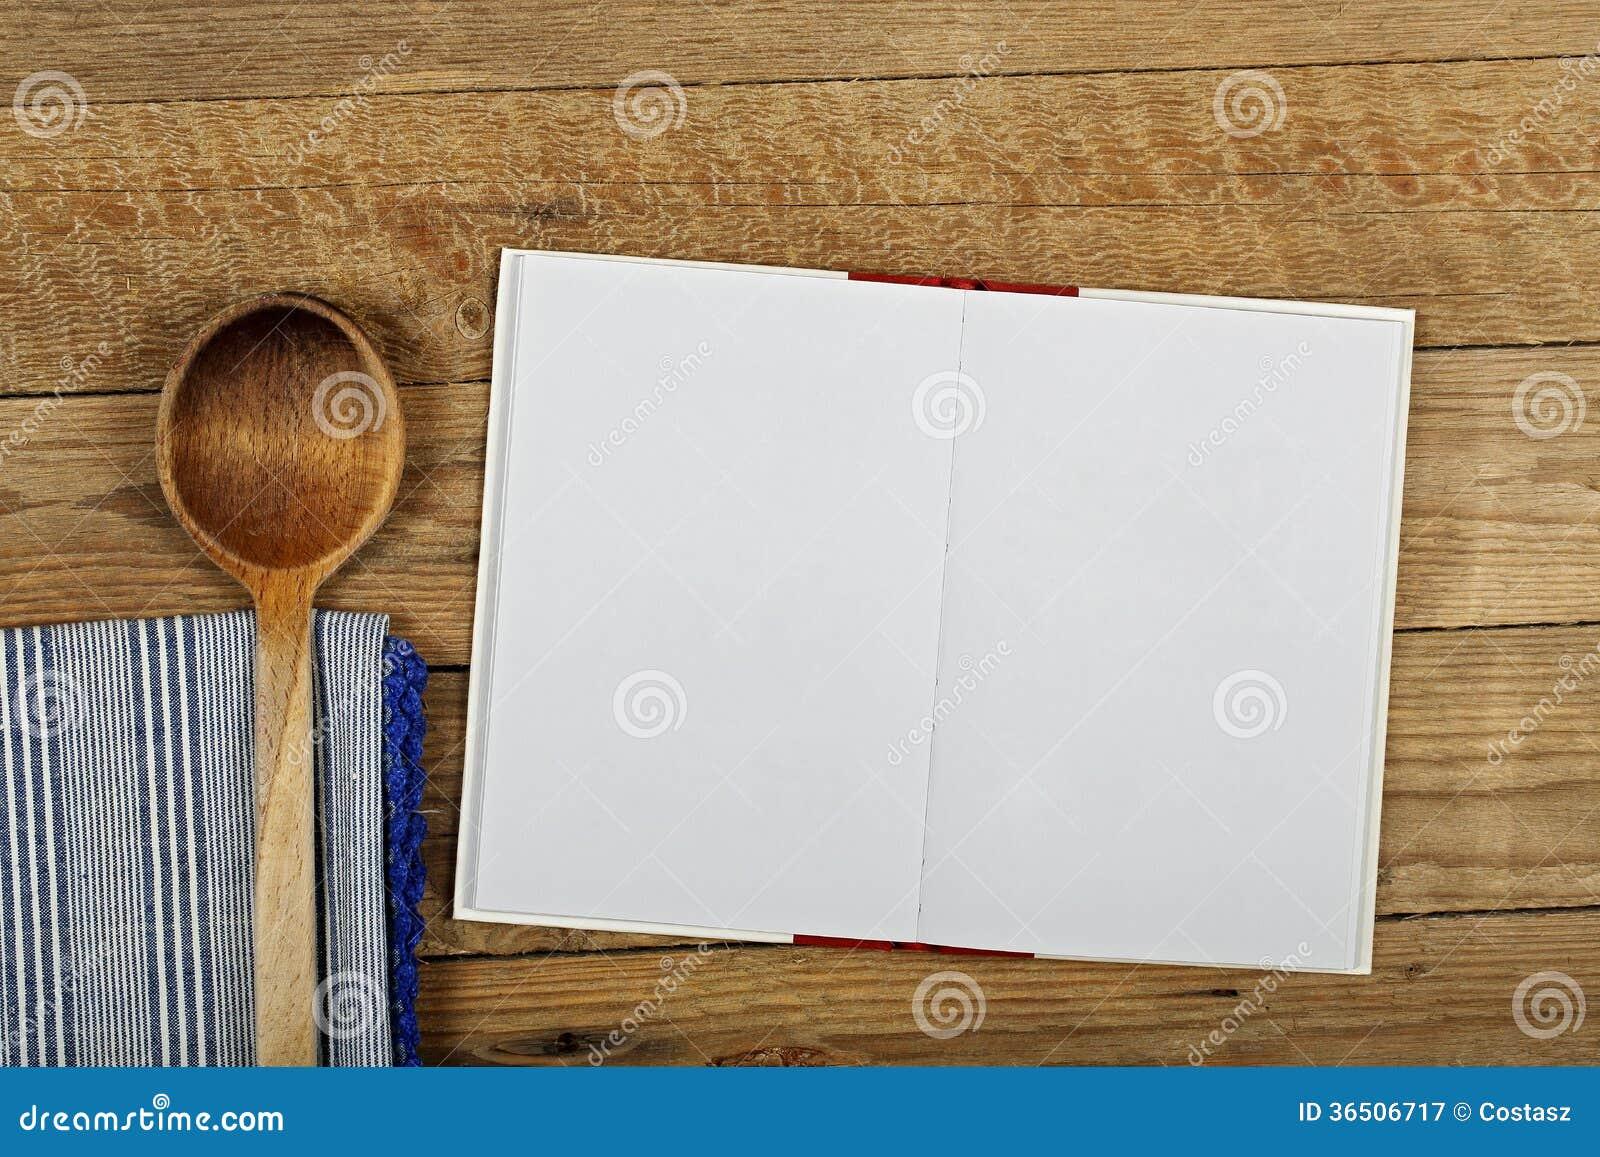 leeres kochbuch stockbild bild von anzeige liste buch 36506717. Black Bedroom Furniture Sets. Home Design Ideas